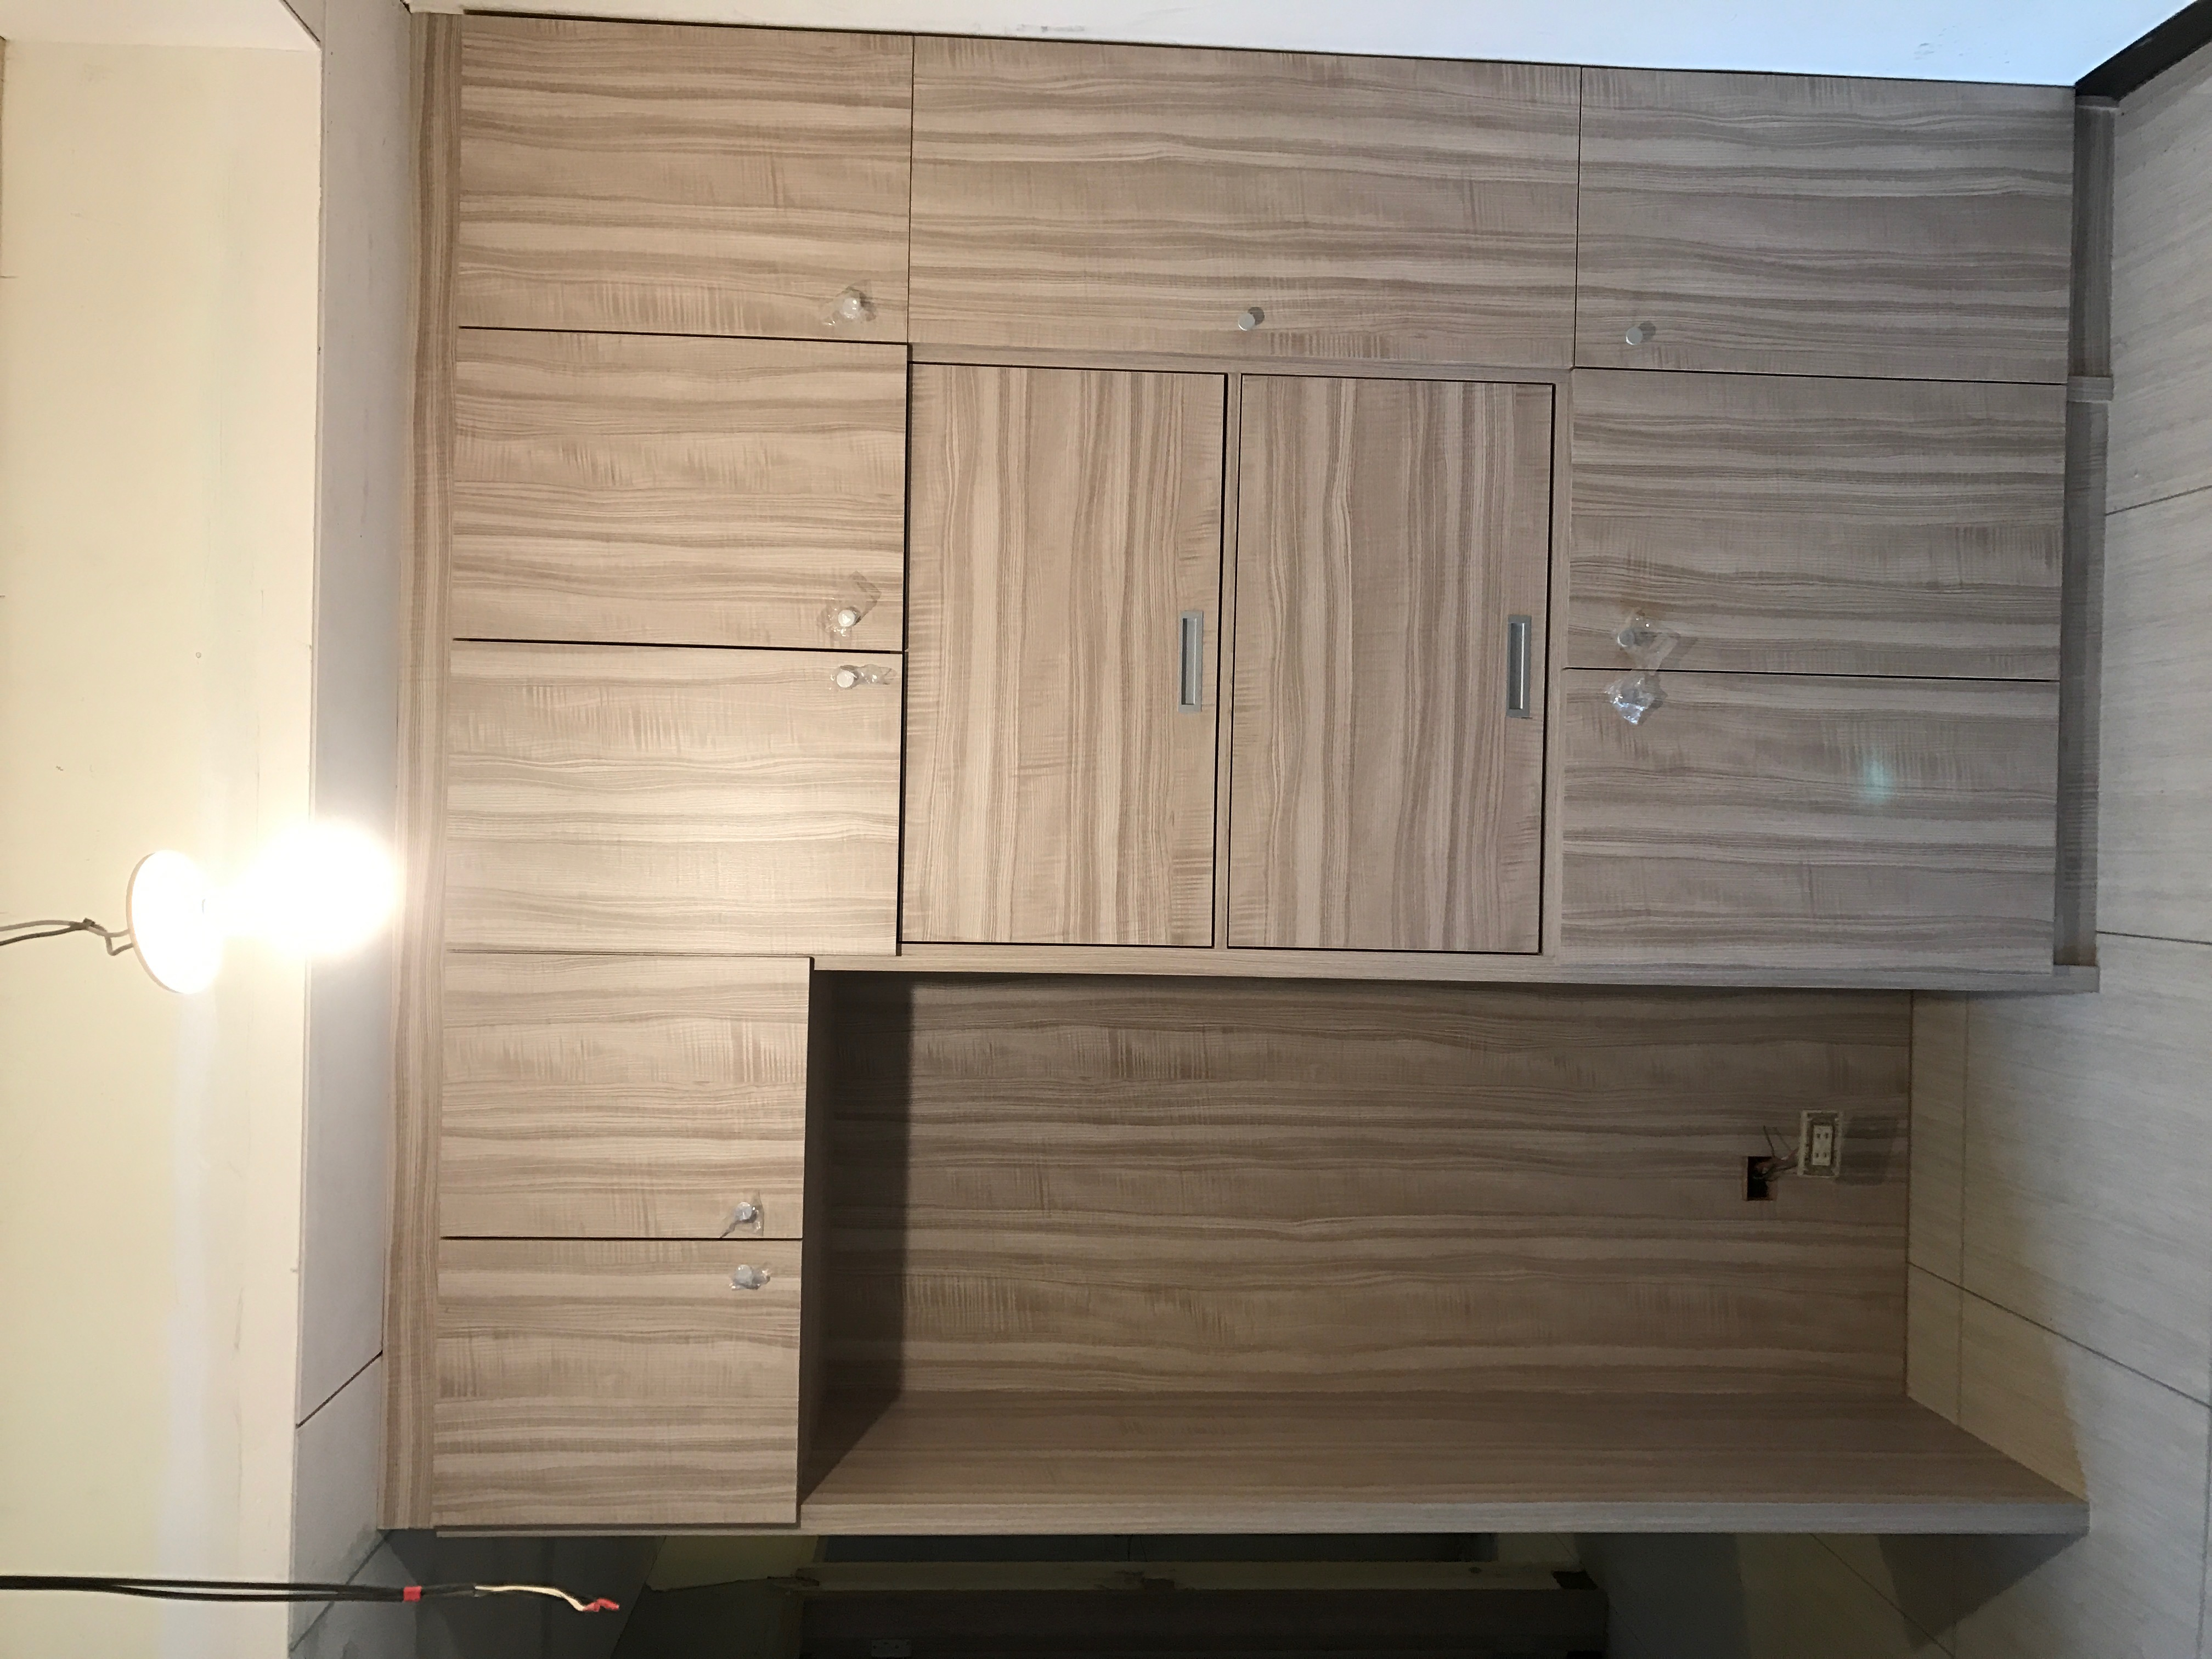 台北市住家室內裝潢衣櫃系統櫃木工 (8)